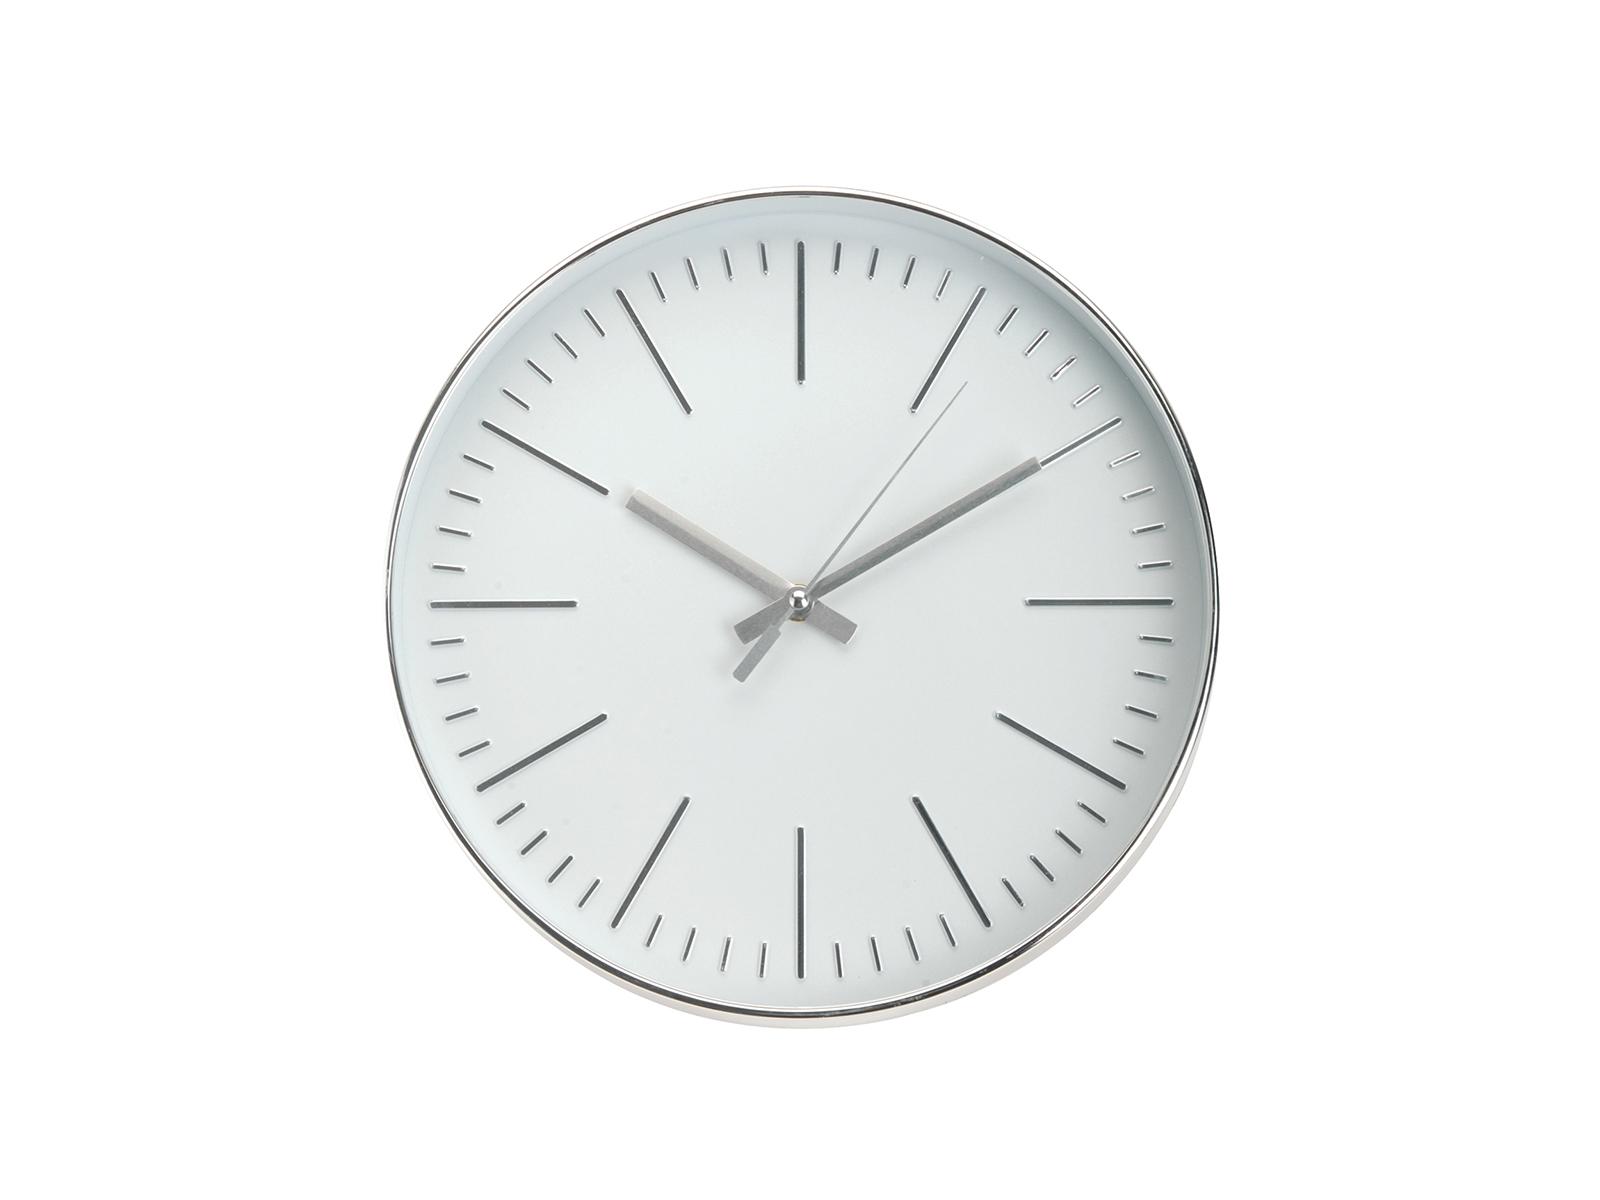 Часы White C37362020_2 ОГОГО Обстановочка!